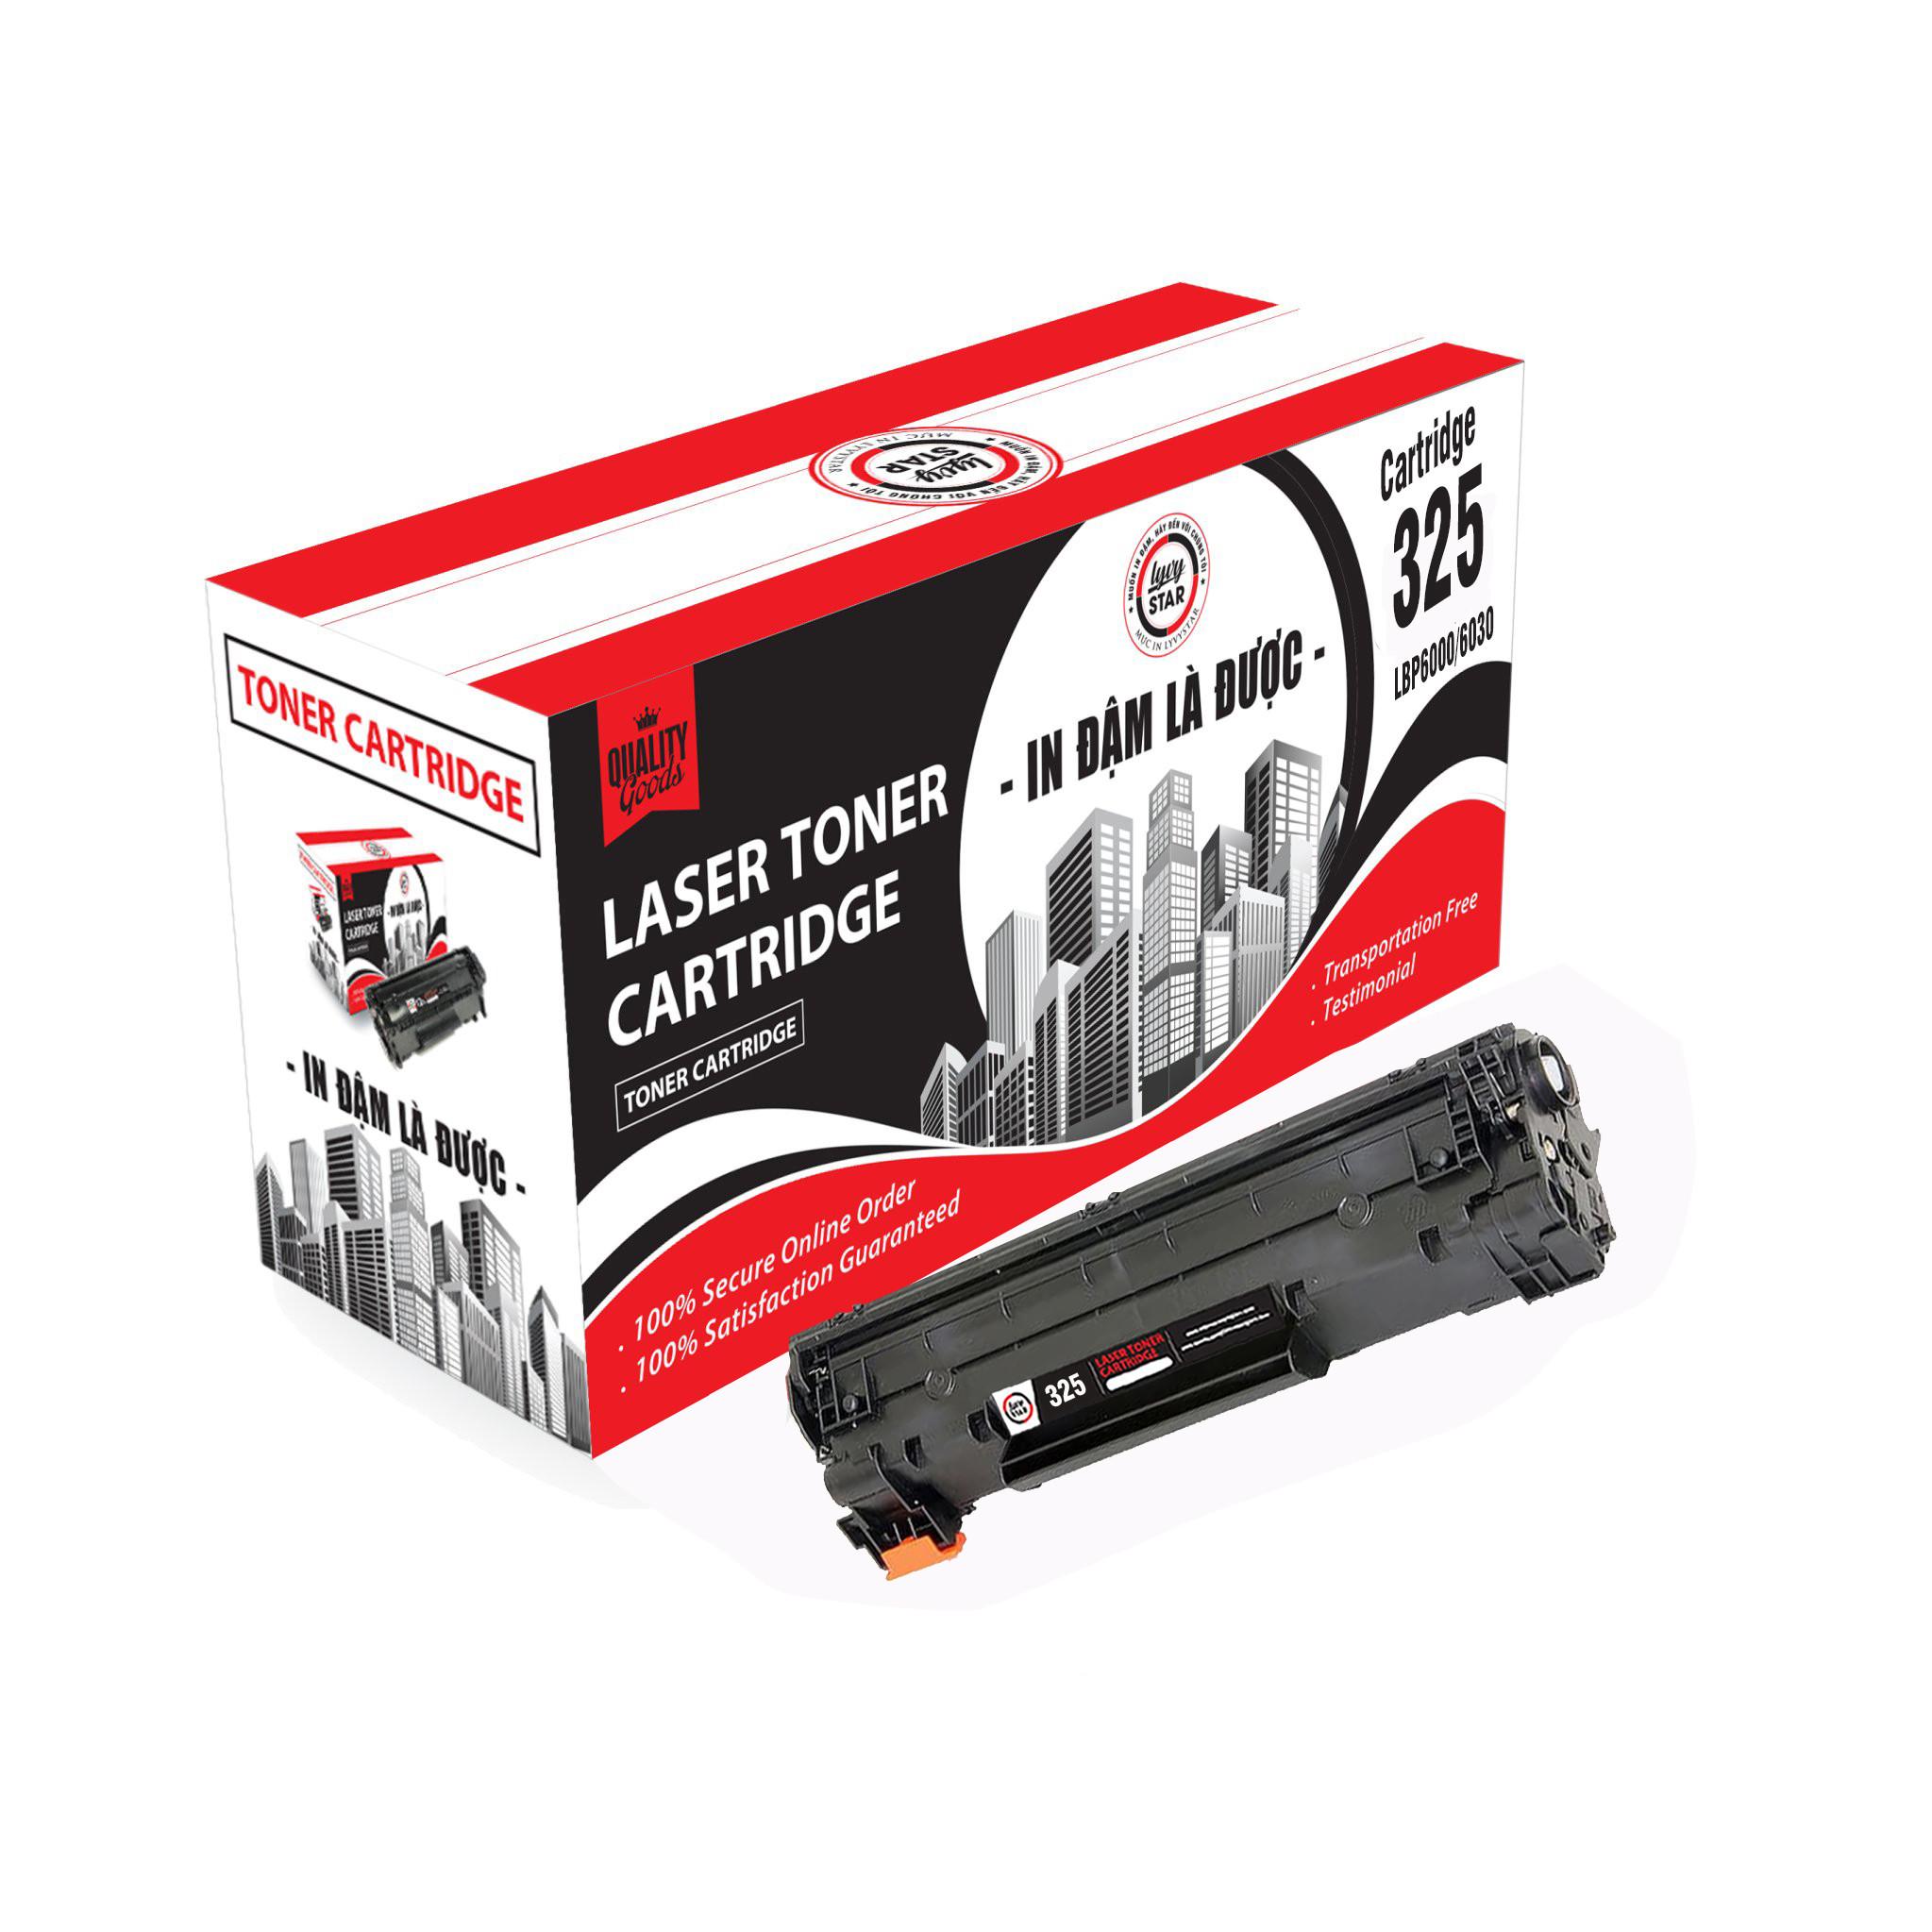 Hộp mực Lyvystar 325 sử dụng cho máy in Canon LBP 3100 - Hàng chính hãng